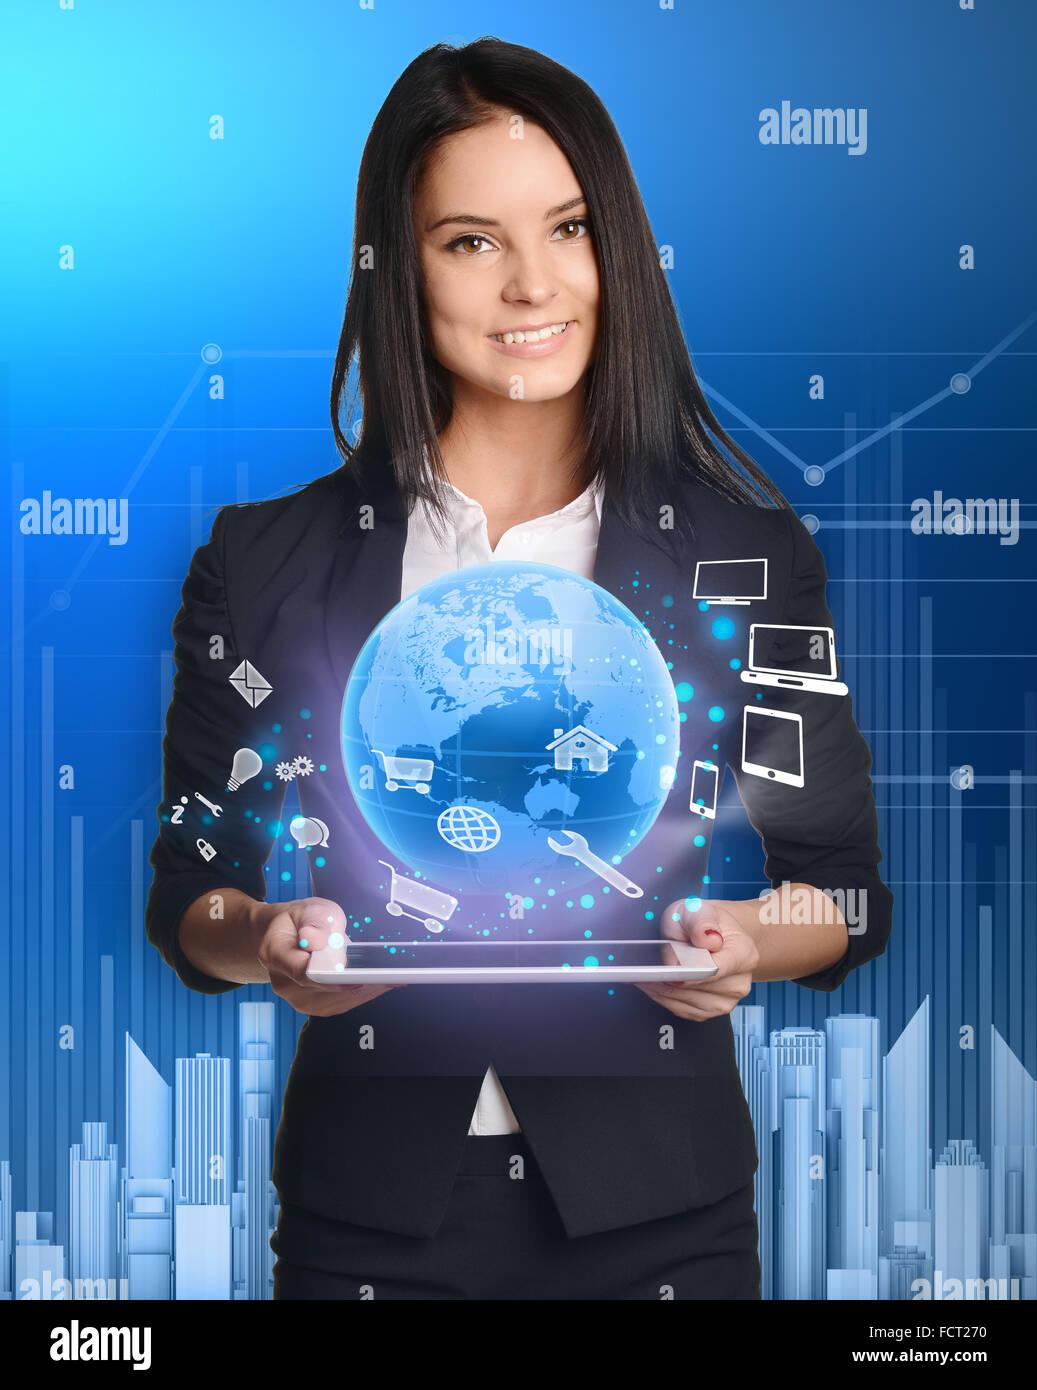 La empresaria con tablet pc contra la alta tecnología Imagen De Stock